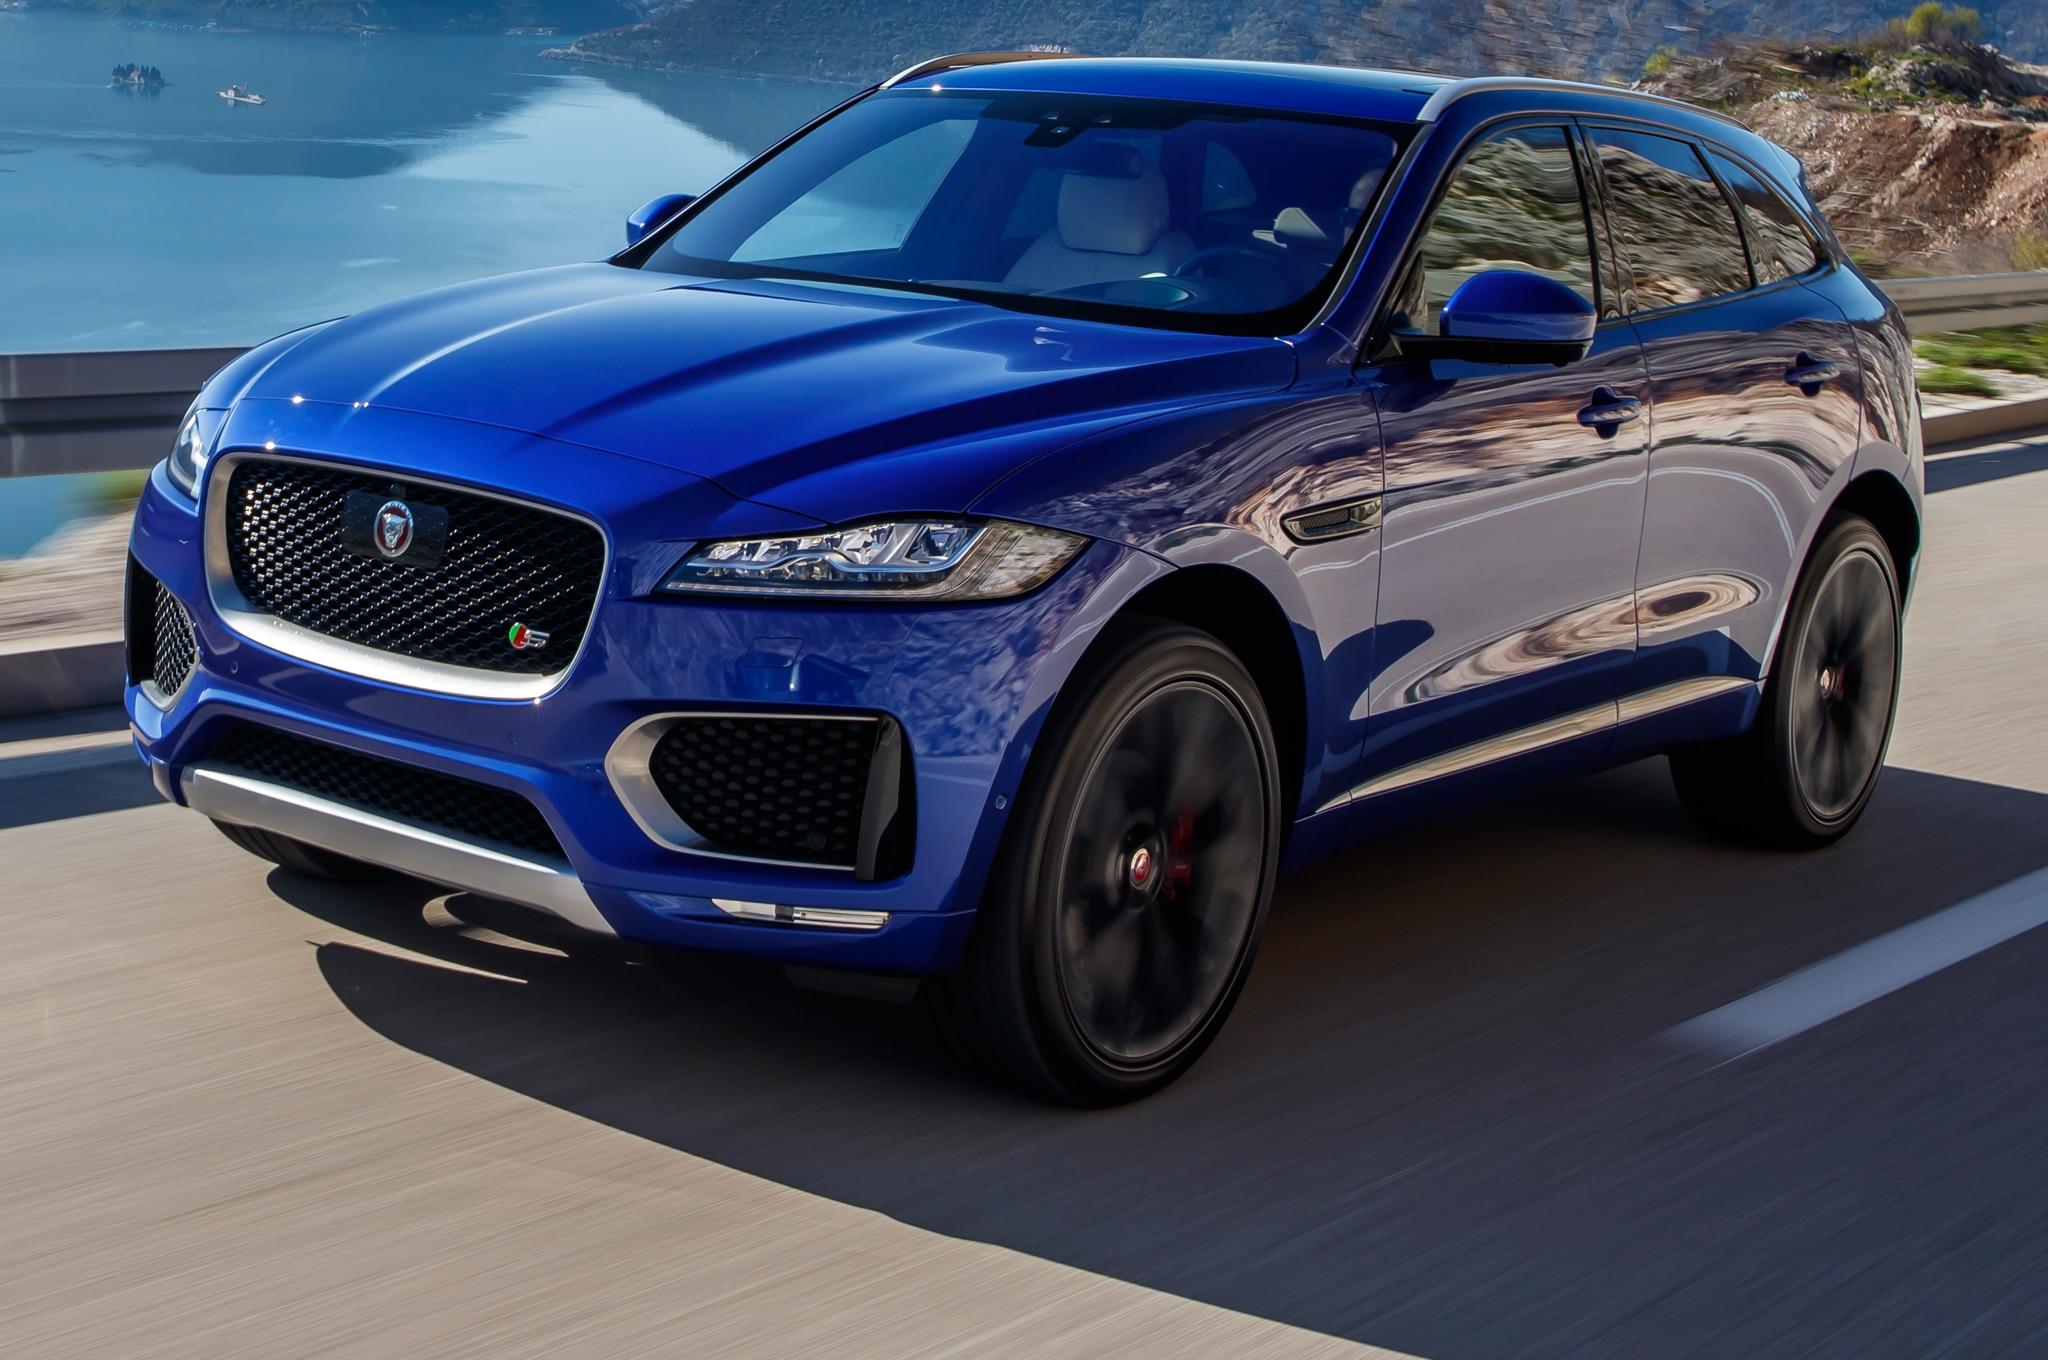 2017 Jaguar F-Pace Second Drive Review